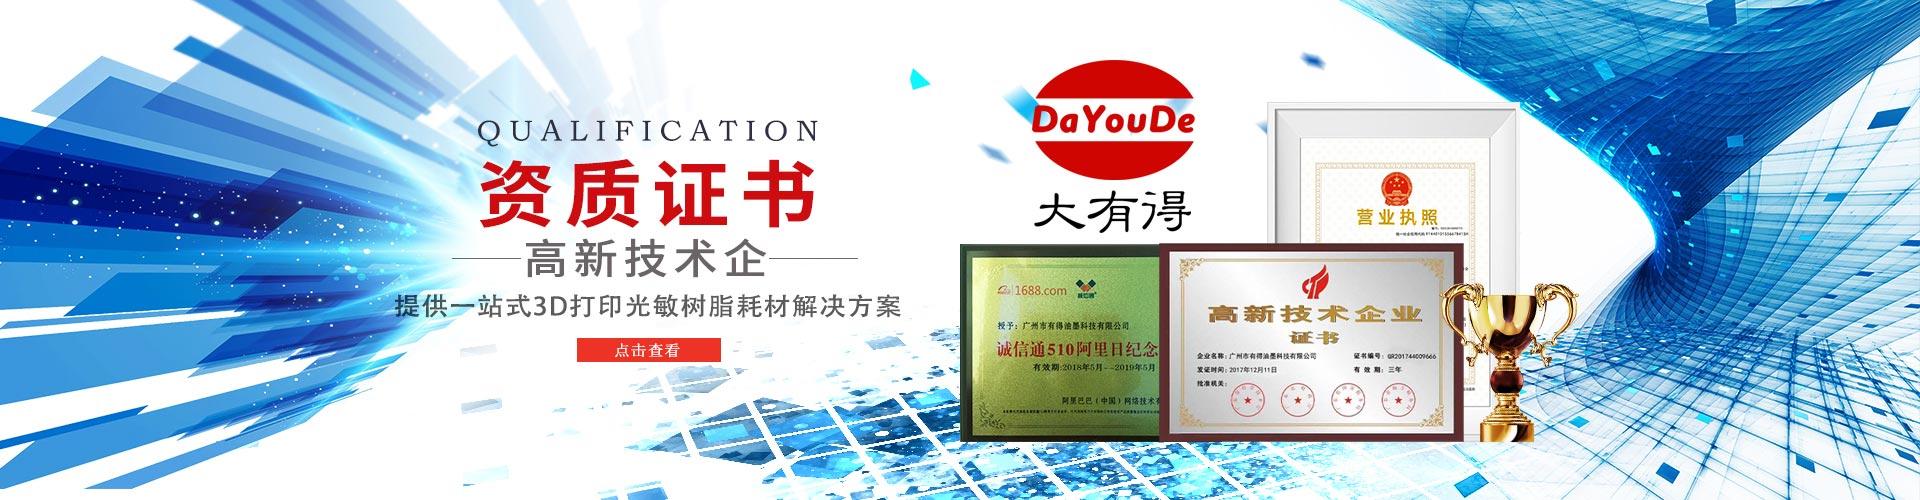 广州市有得油墨科技有限公司